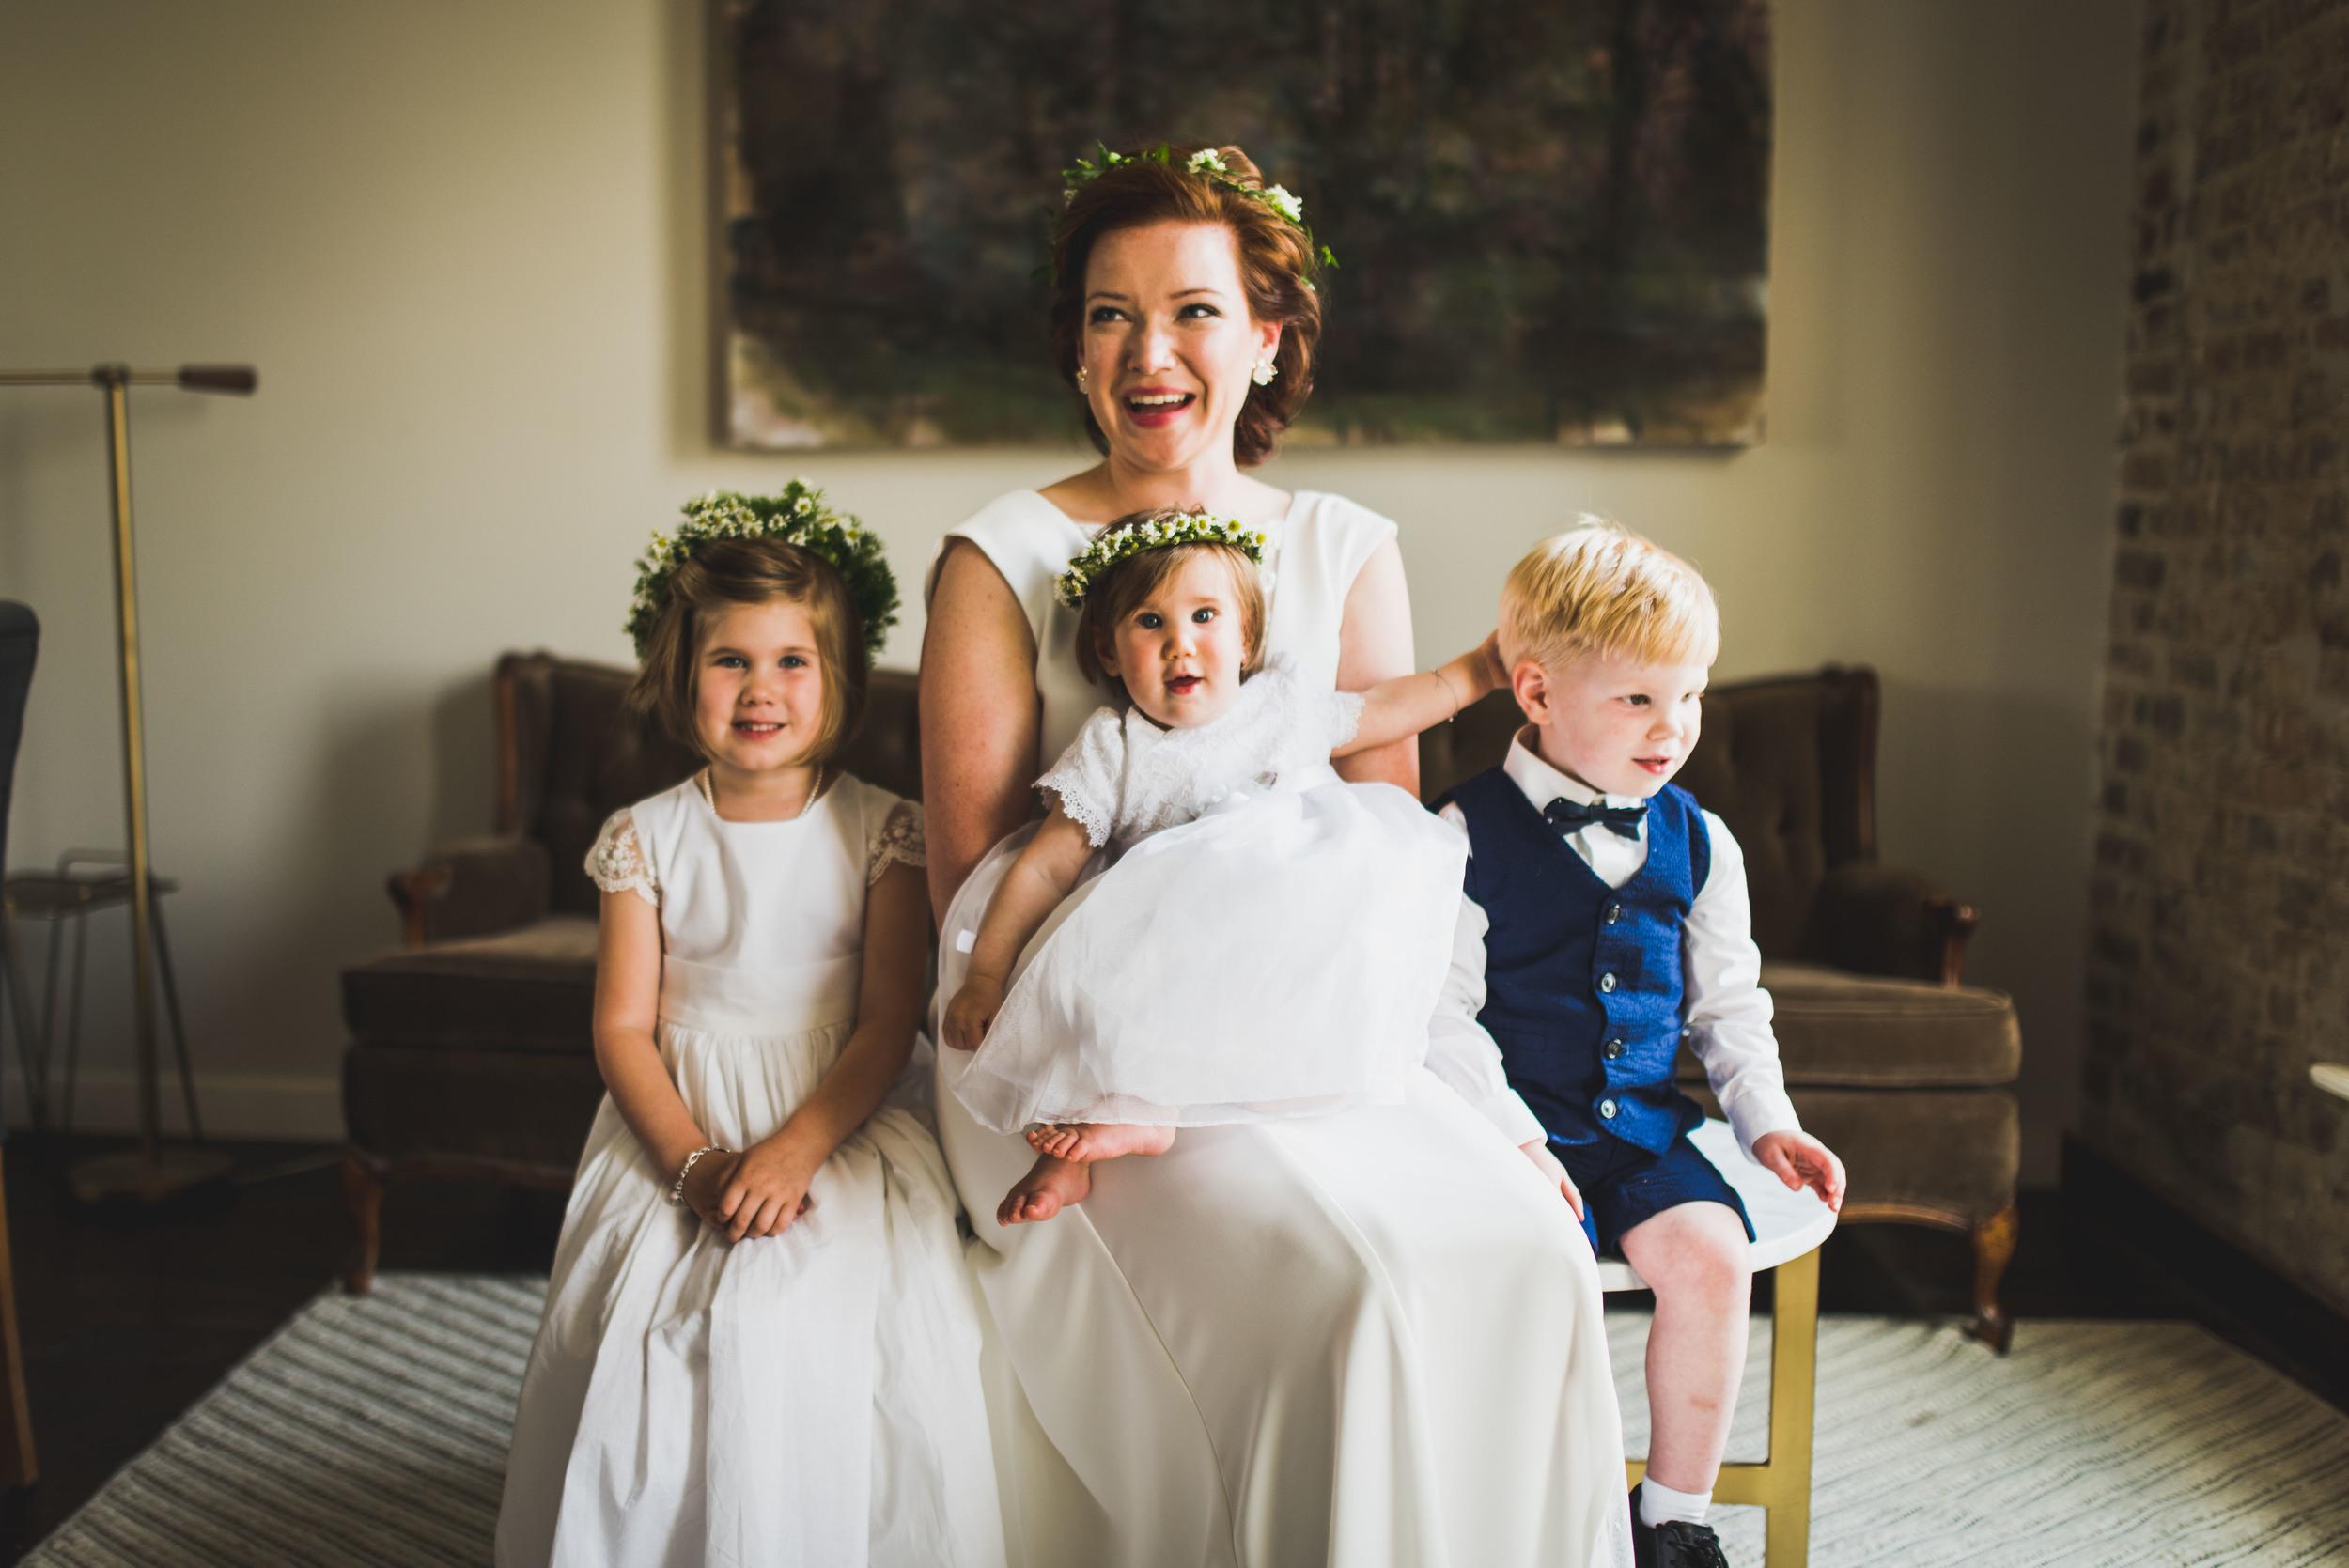 Brusich Wedding - Cordelle-114.jpg